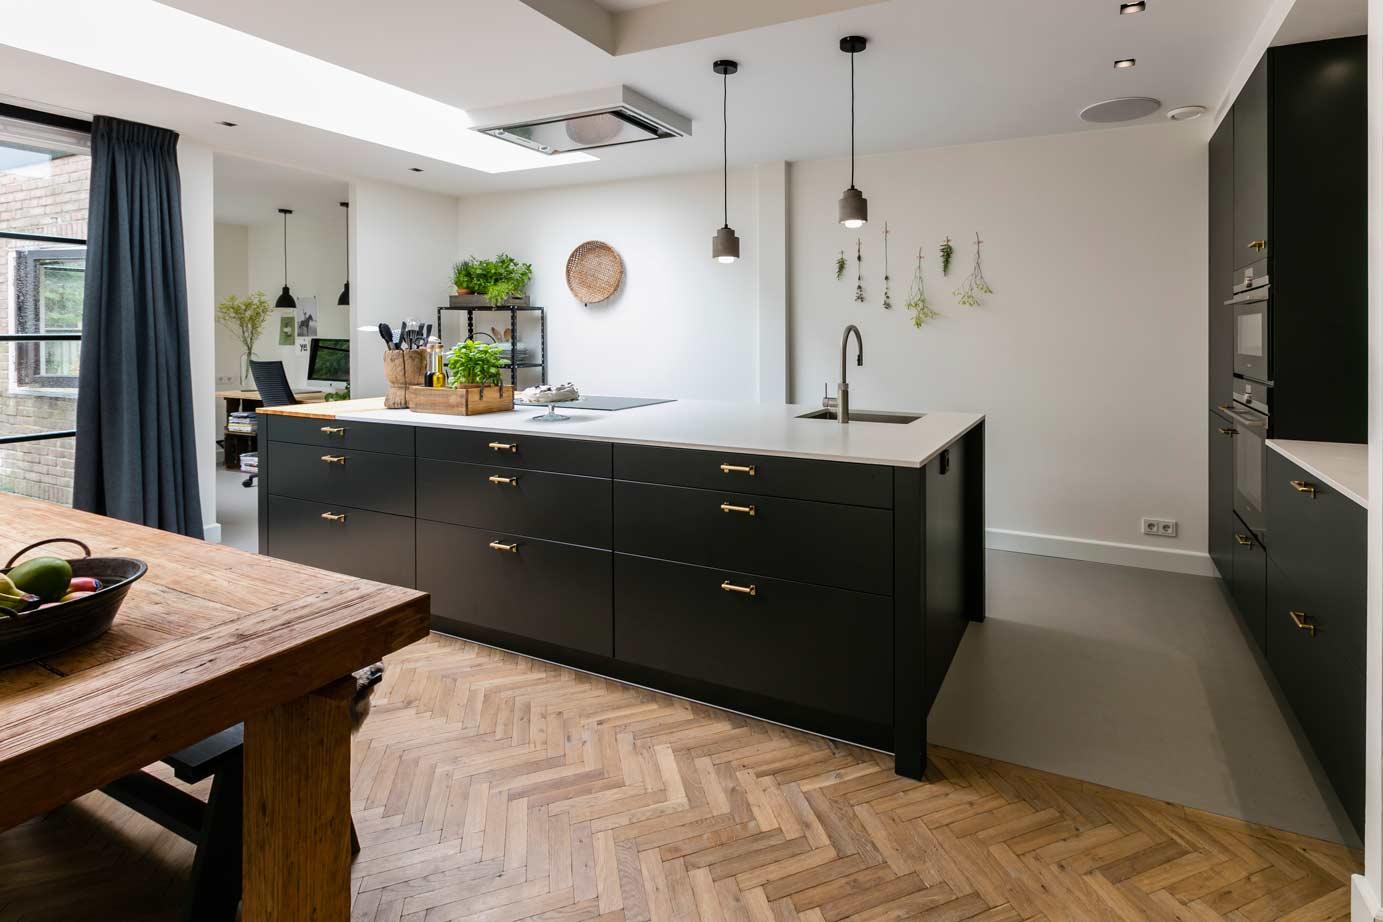 Eiland Keuken Zwart : Keuken kleuren ieder kleur mogelijk bekijk voorbeelden ardi